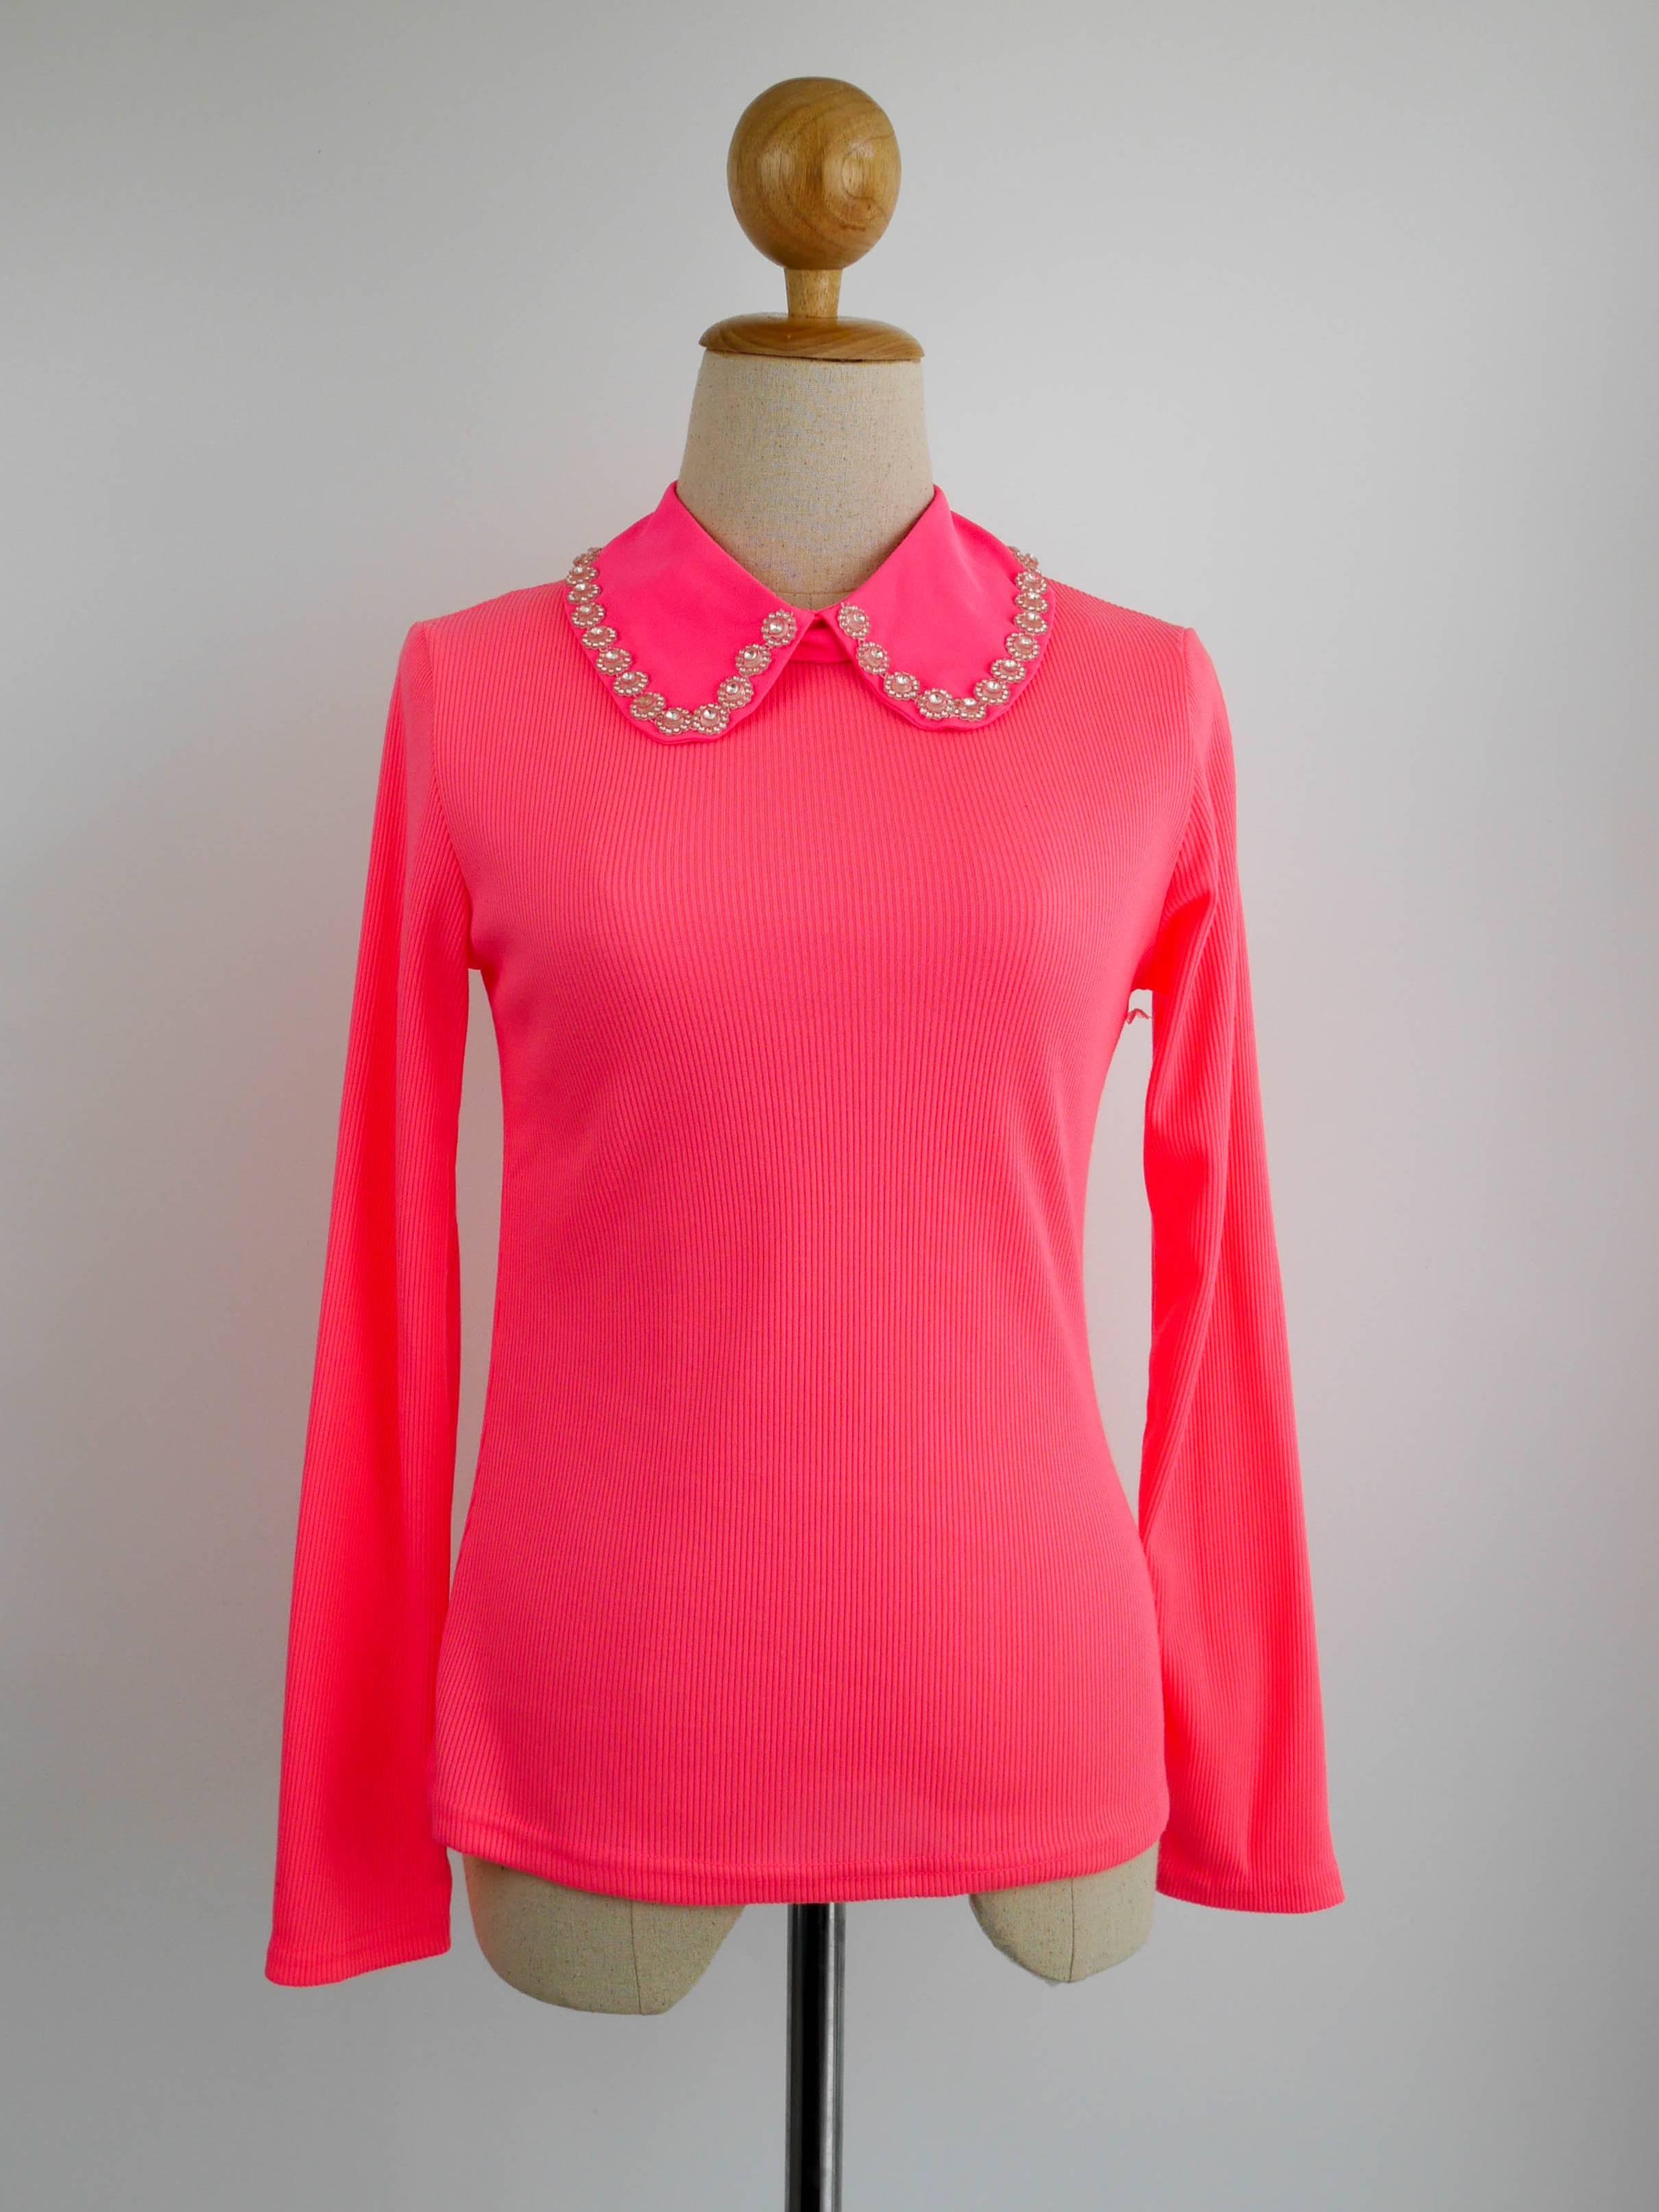 เสื้อแฟชั่น แขนยาว คอปกเชิ๊ต(ถอดได้) สีชมพู